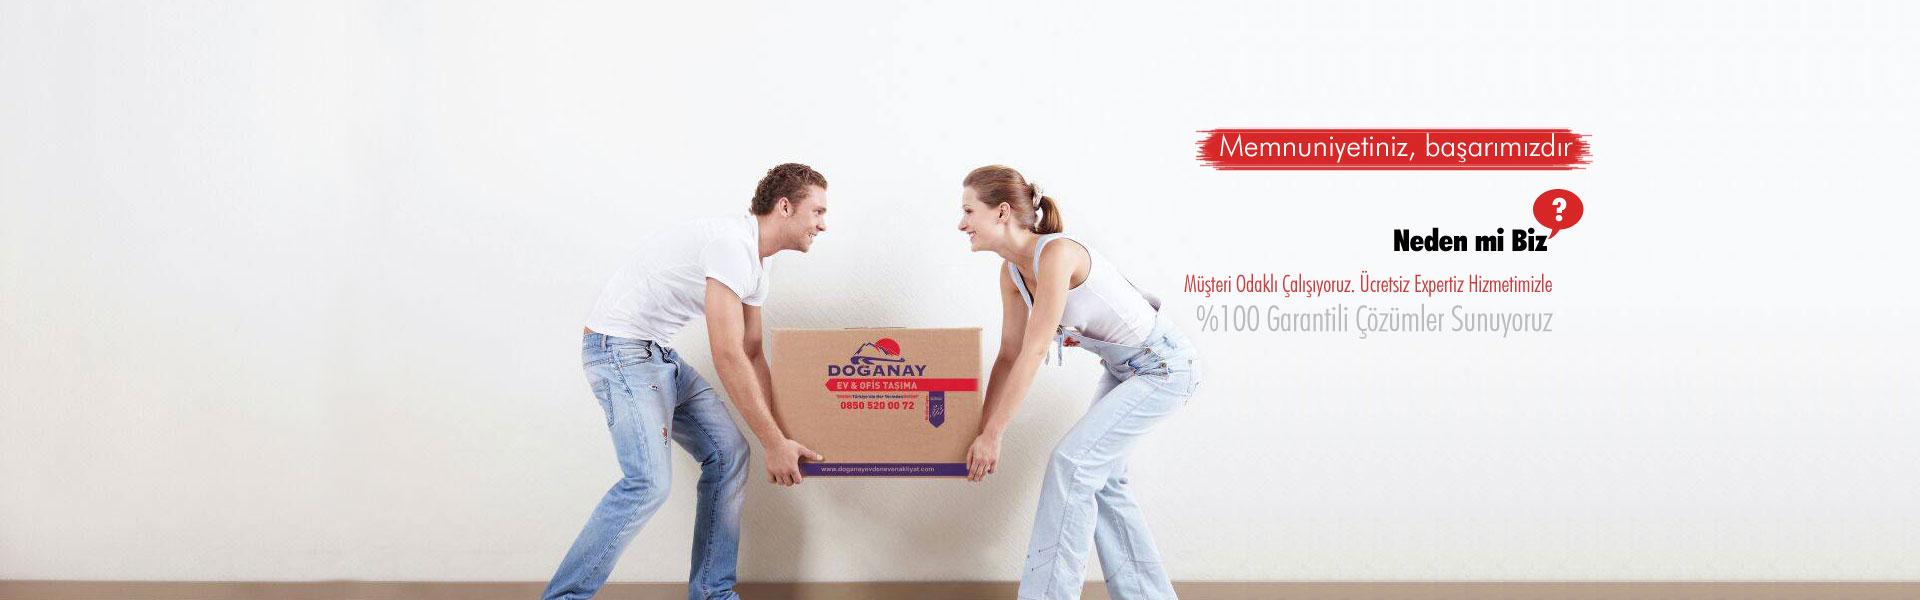 Mersin evden eve taşımacılık